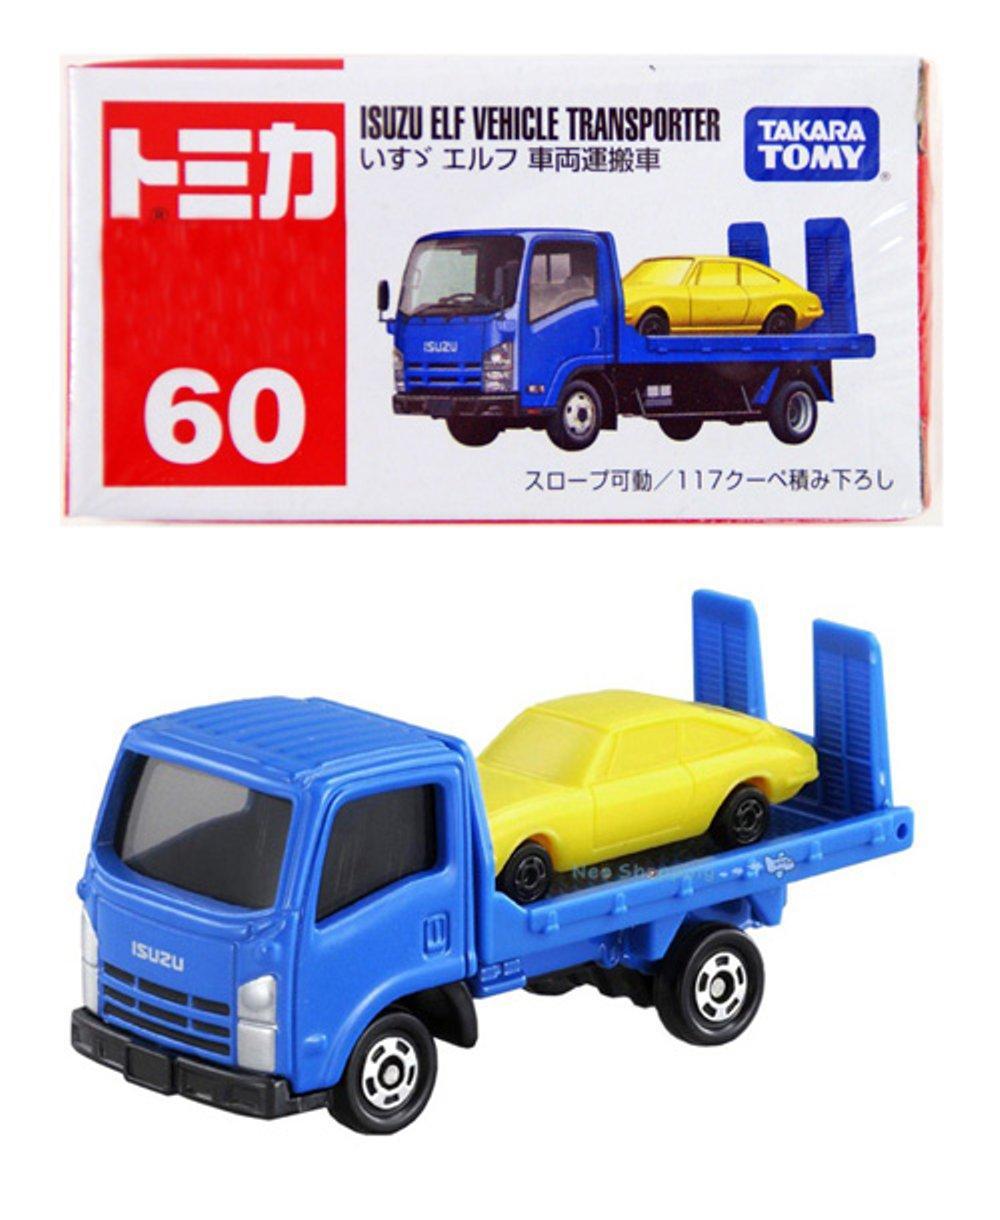 Tomica 60 Isuzu Elf Vehicle Transporter - biru # Andiarsi Toys andiarsitoys